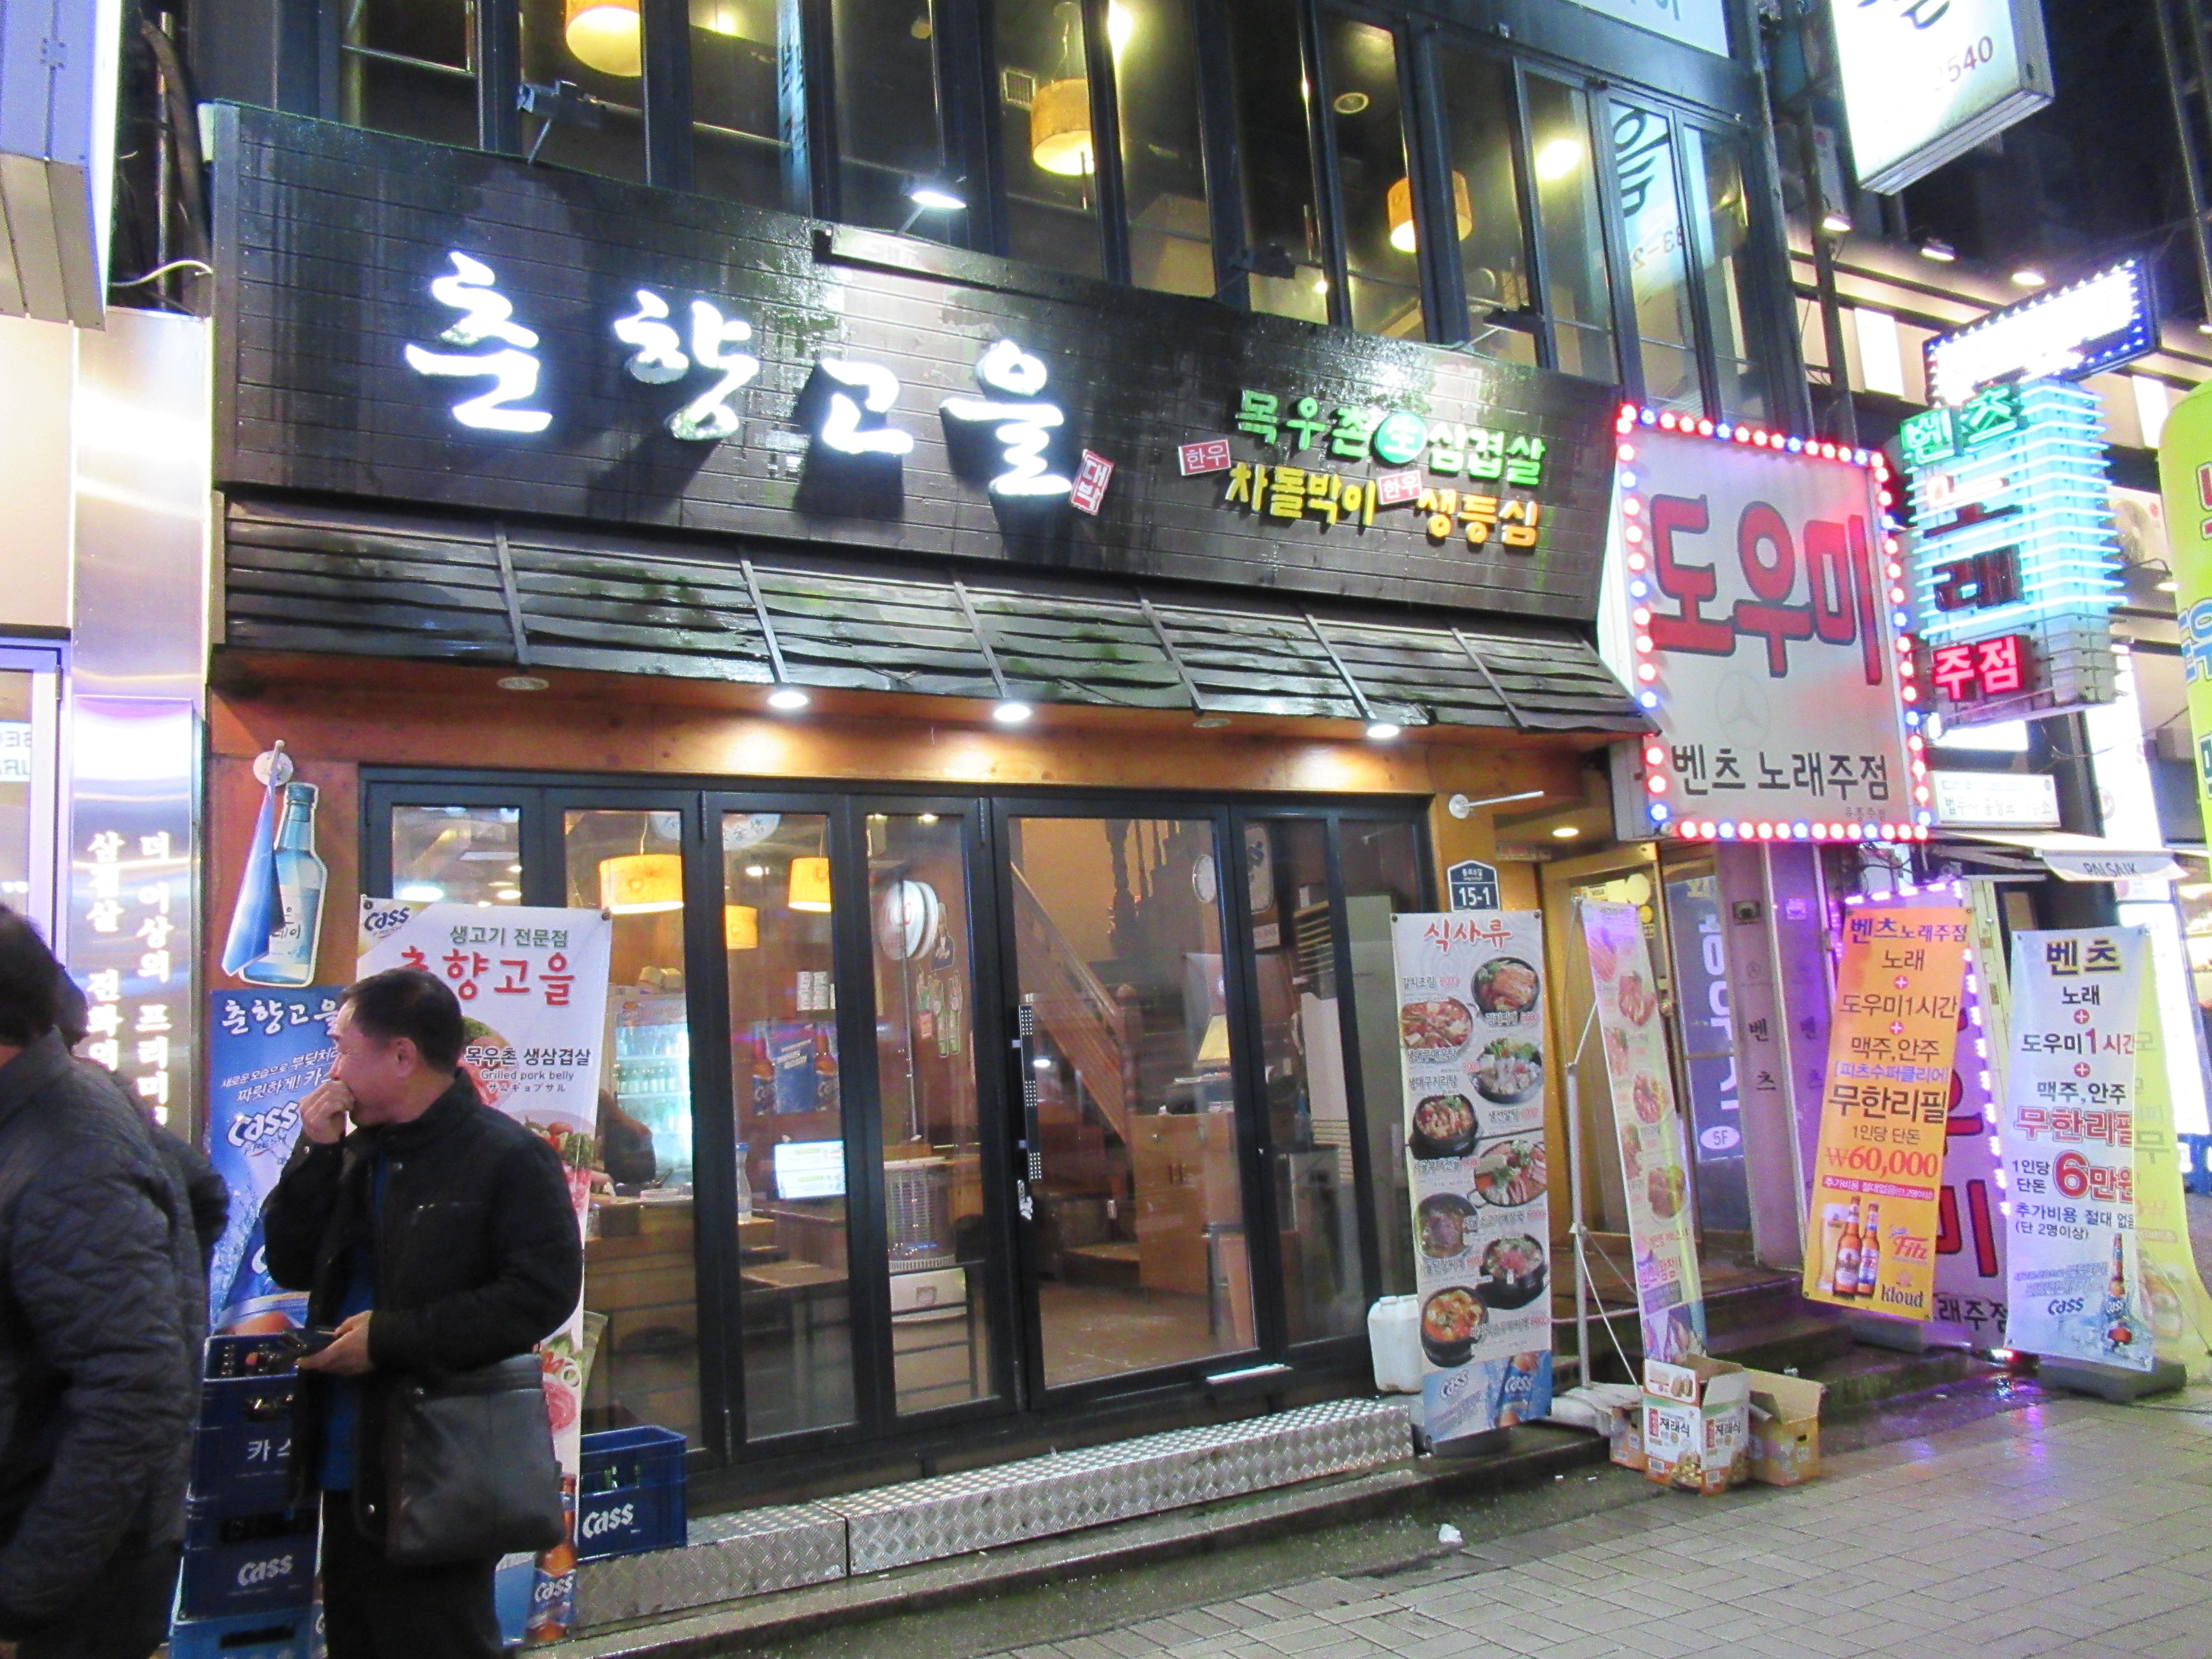 ソウルグルメ|鍾路(チョンノ)でサムギョプサルのオススメな店とメニュー☆玉ねぎとタレが美味しい